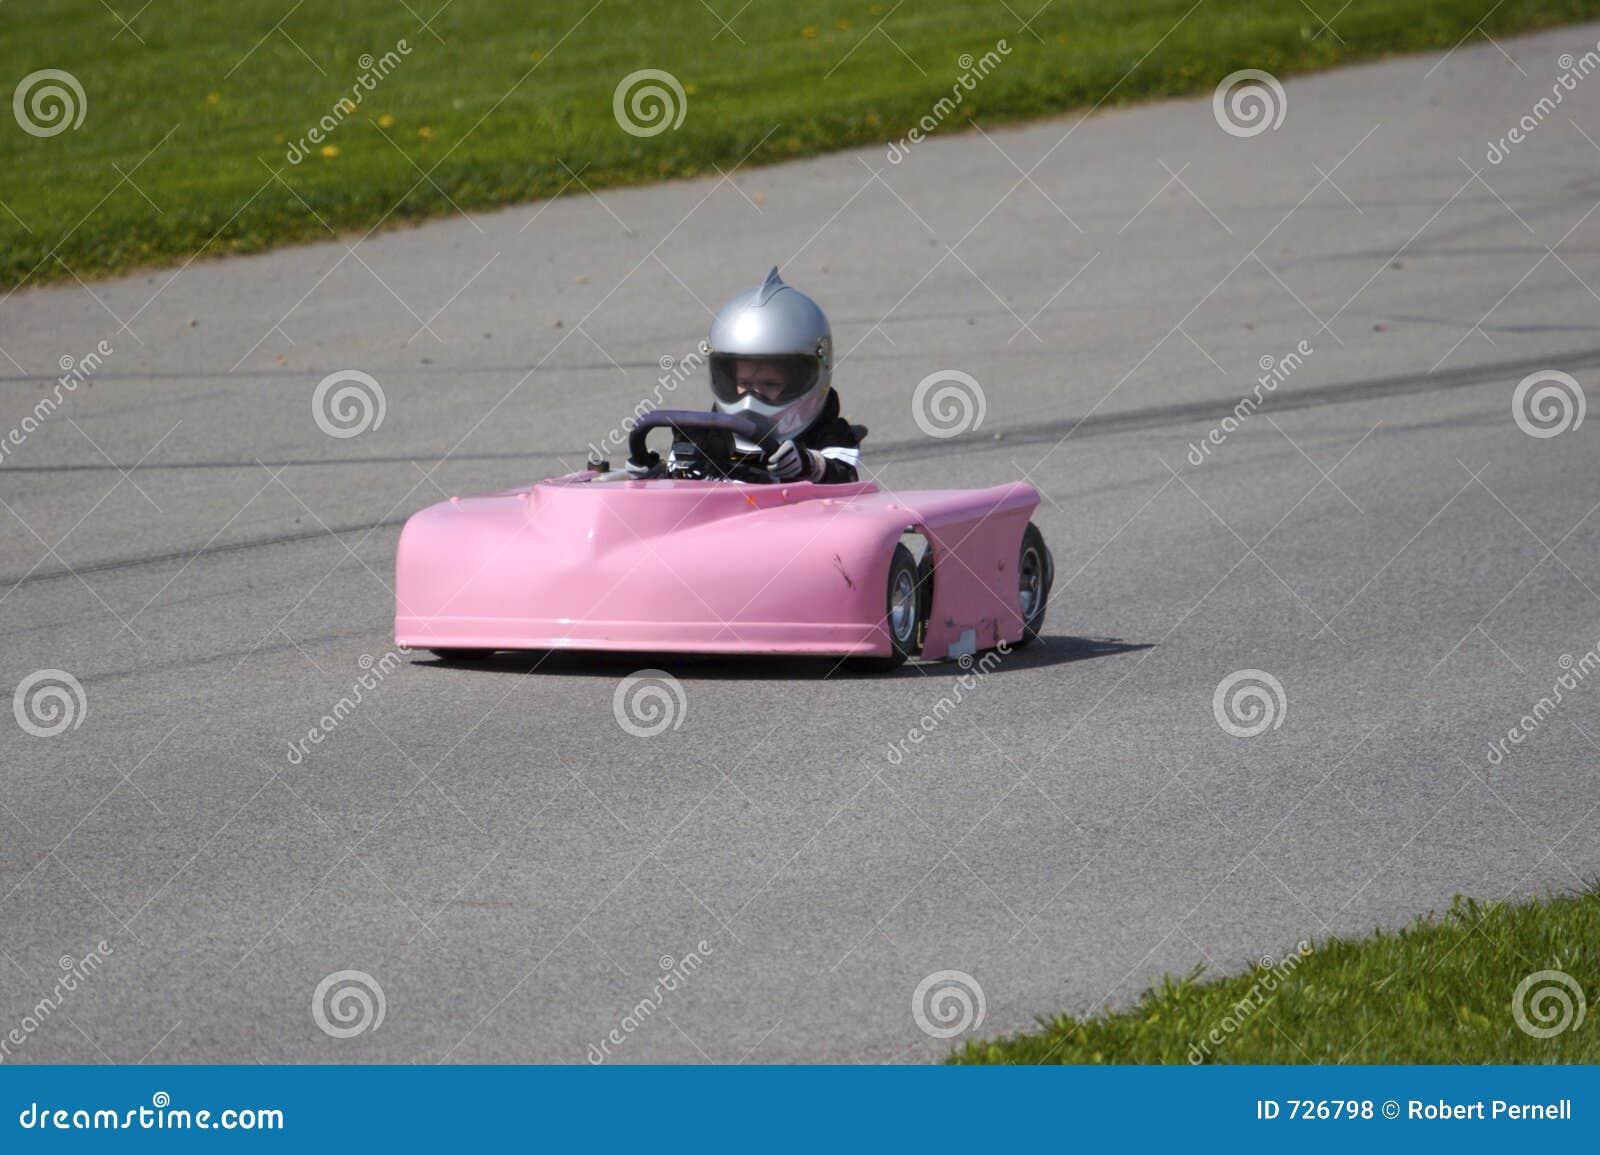 Le rose vont Kart